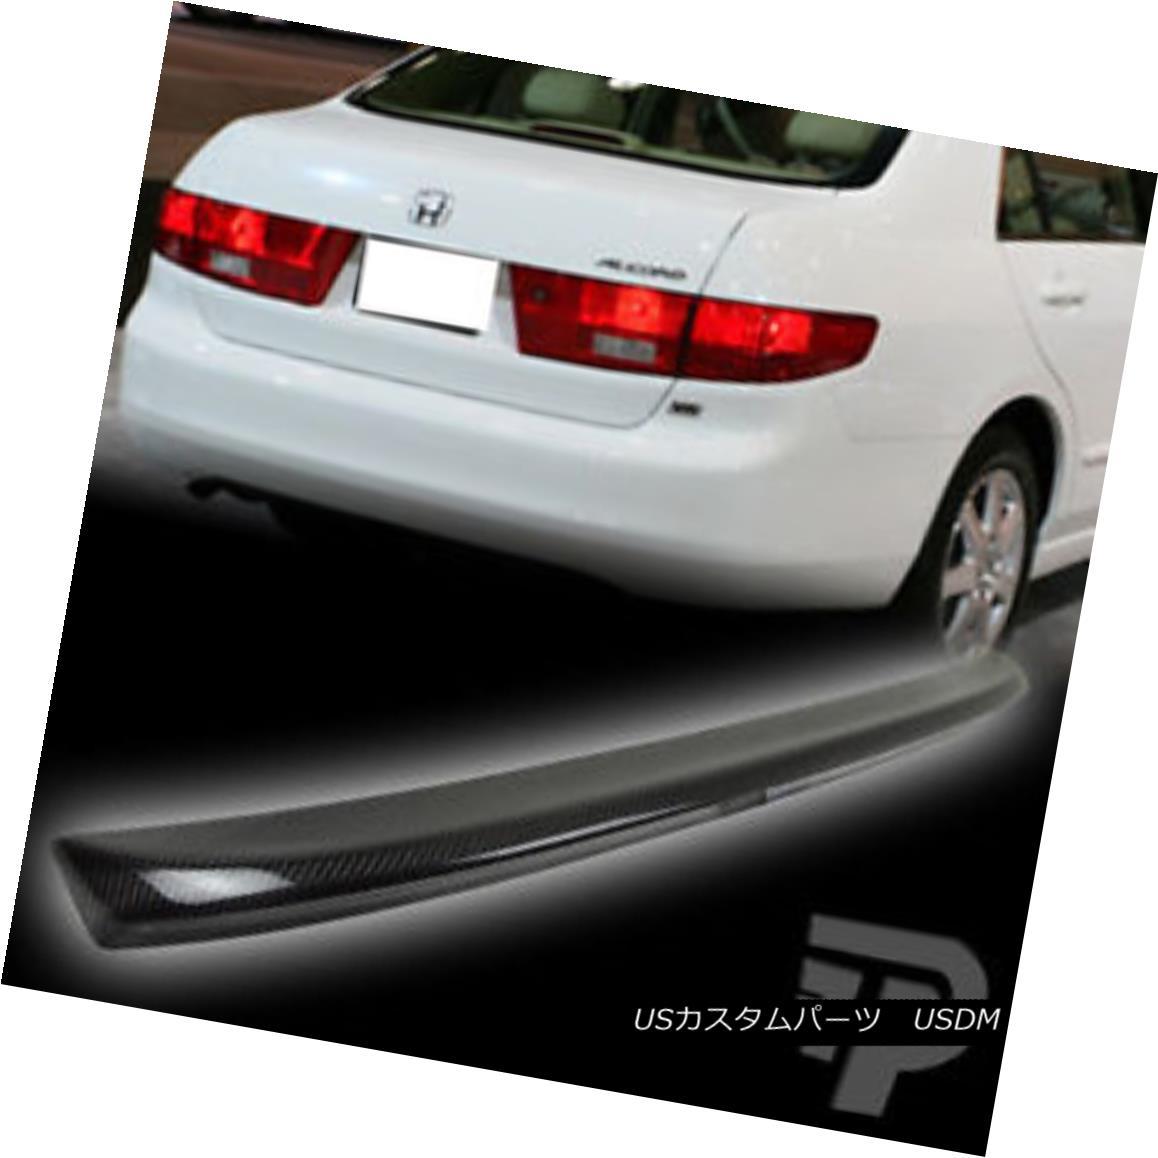 エアロパーツ Carbon Fiber FOR Honda Accord Sedan OE Type Rear Trunk Spoiler Wing 2003-2005▼ ホンダアコードセダンOEタイプリアトランクスポイラーウイング2003-2005用炭素繊維?